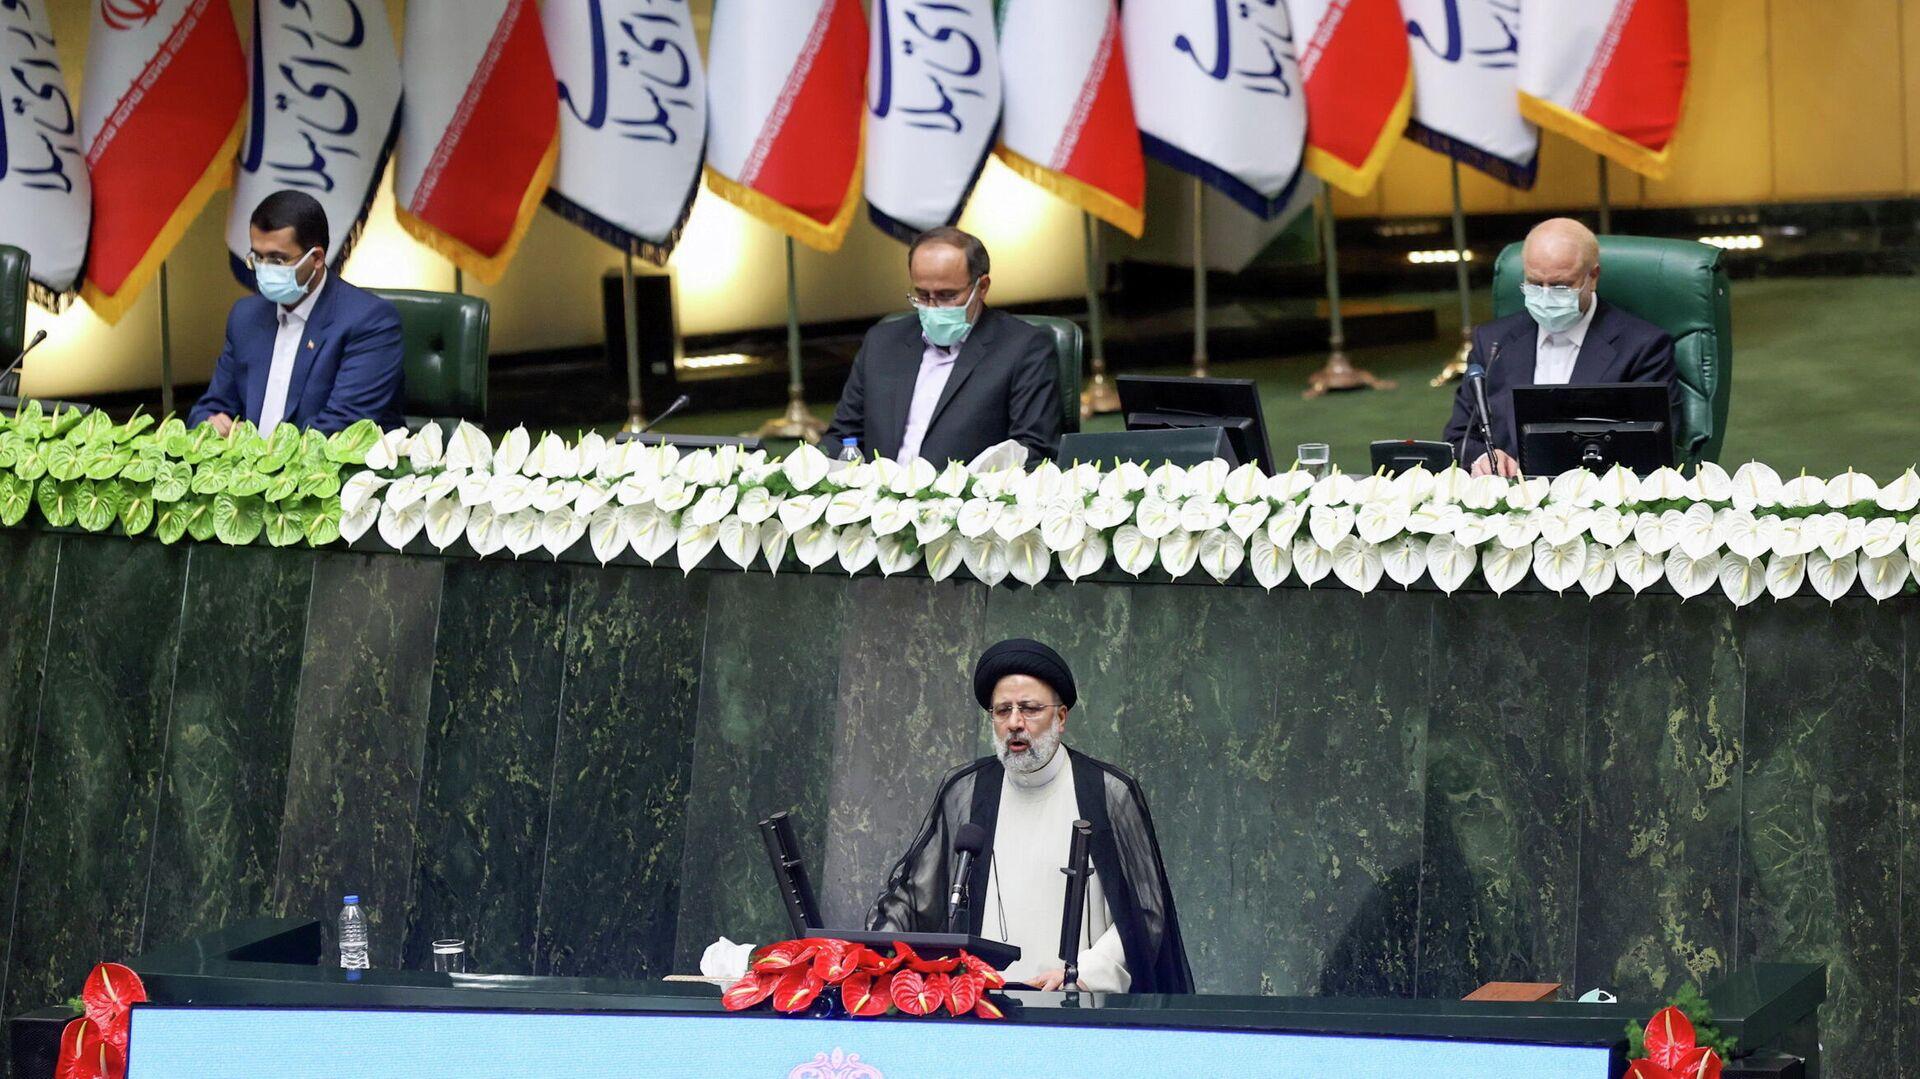 Новый президент Ирана Ибрахим Раиси во время принесения присяги в парламенте - РИА Новости, 1920, 08.08.2021